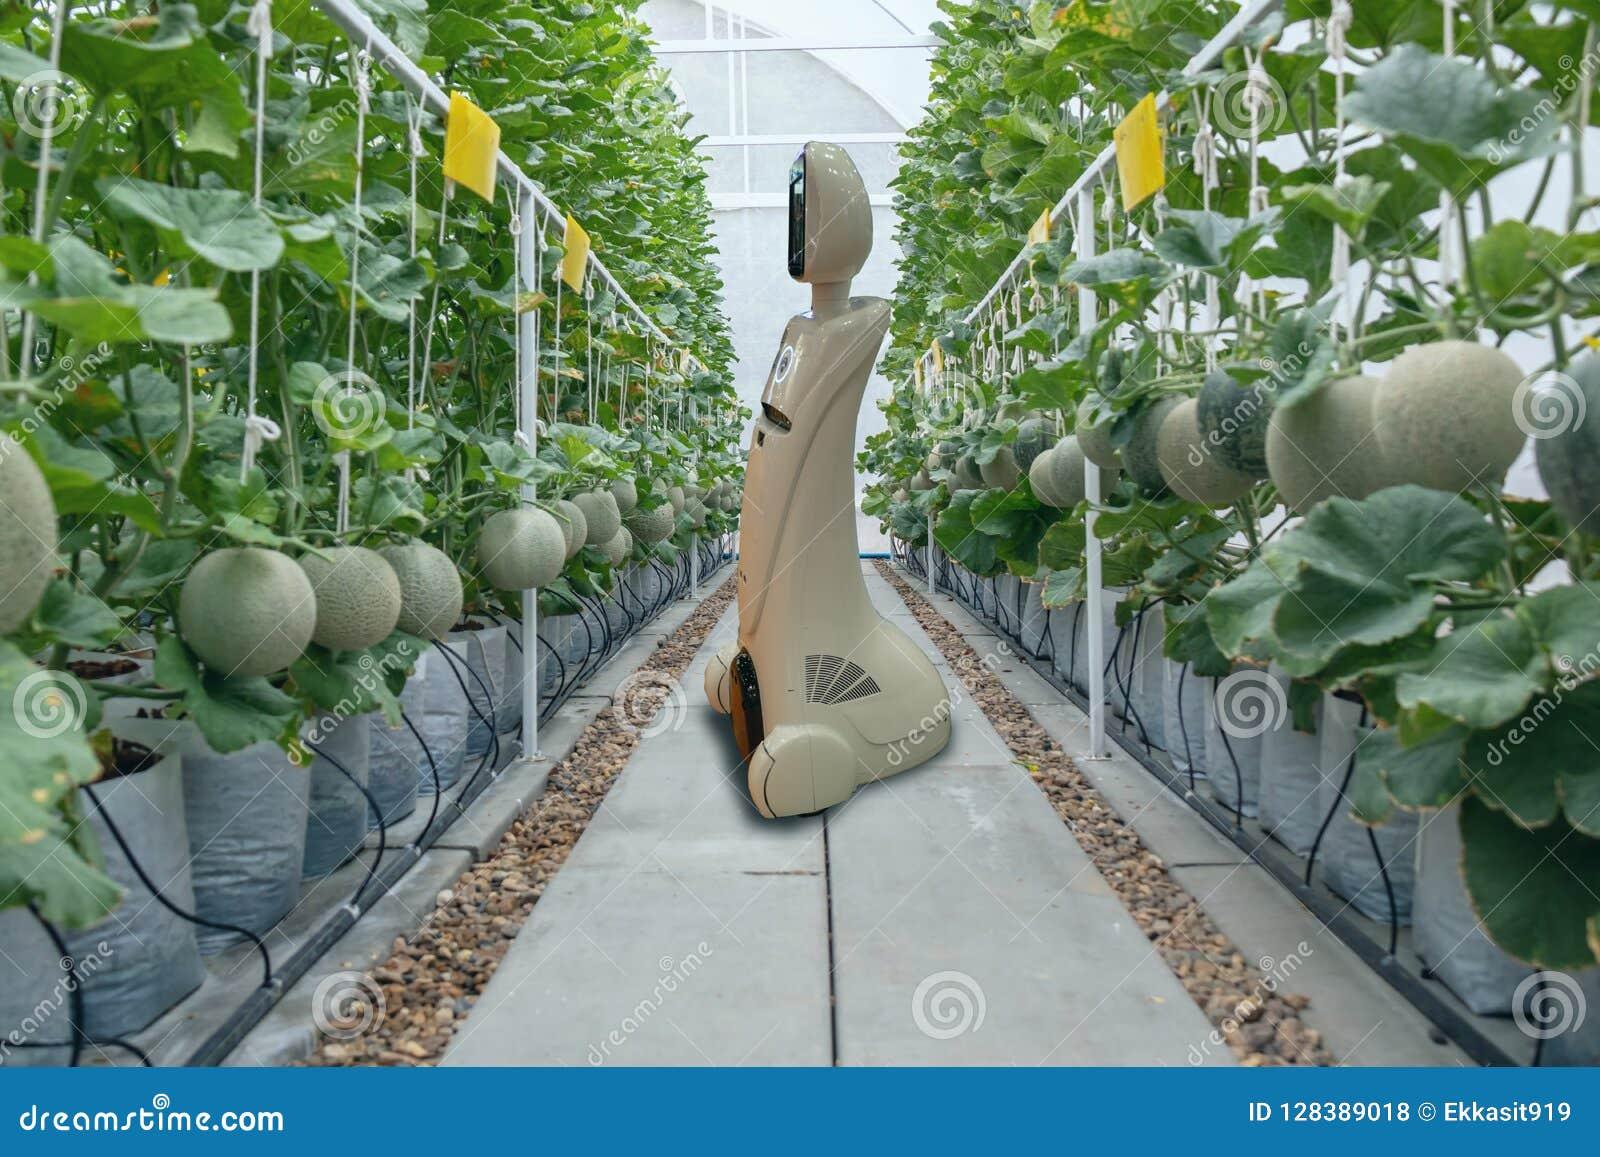 Iot de slimme landbouw, landbouw in de industrie 4 het 0 technologieconcept, tendensrobot die in landbouwbedrijf gebruiken om lan